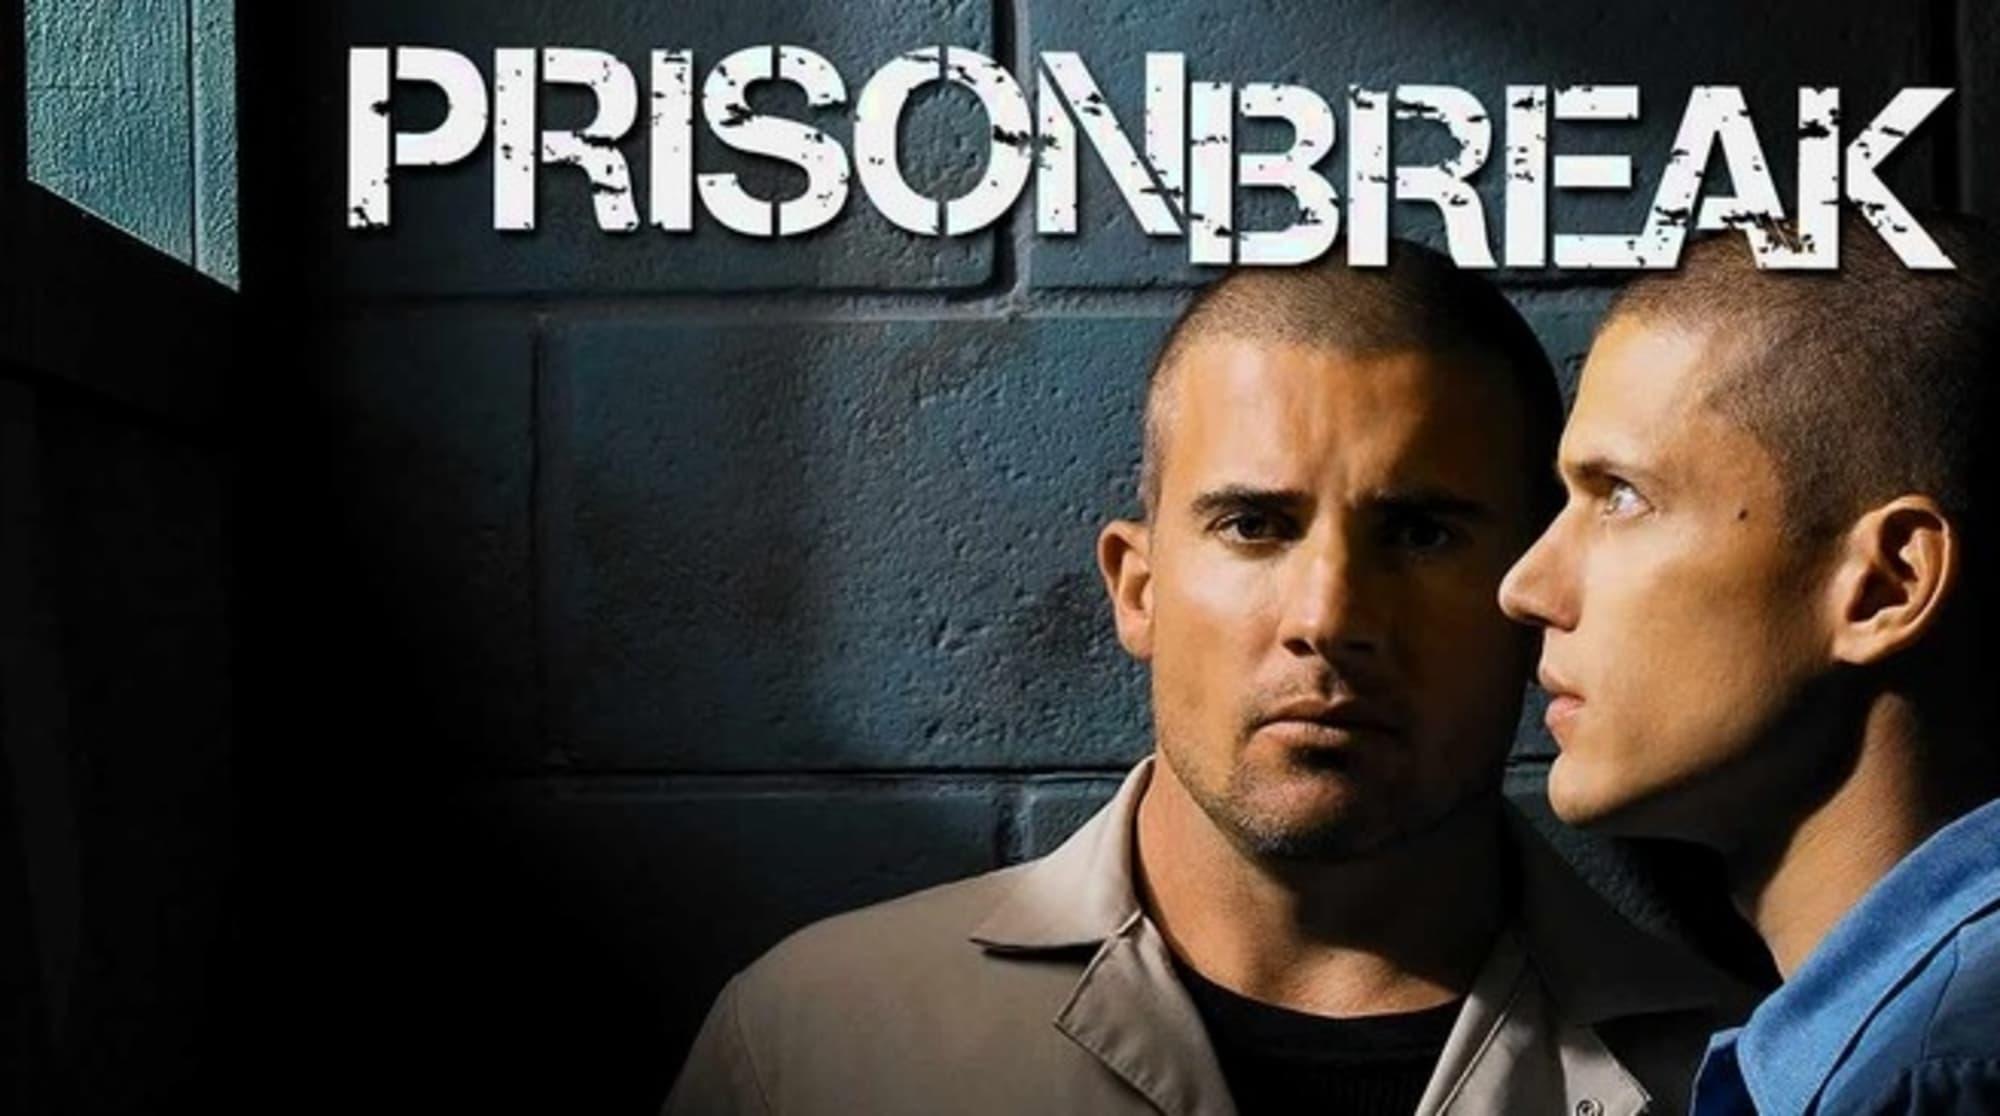 50 Best Tv Shows On Netflix Prison Break Breaks Out